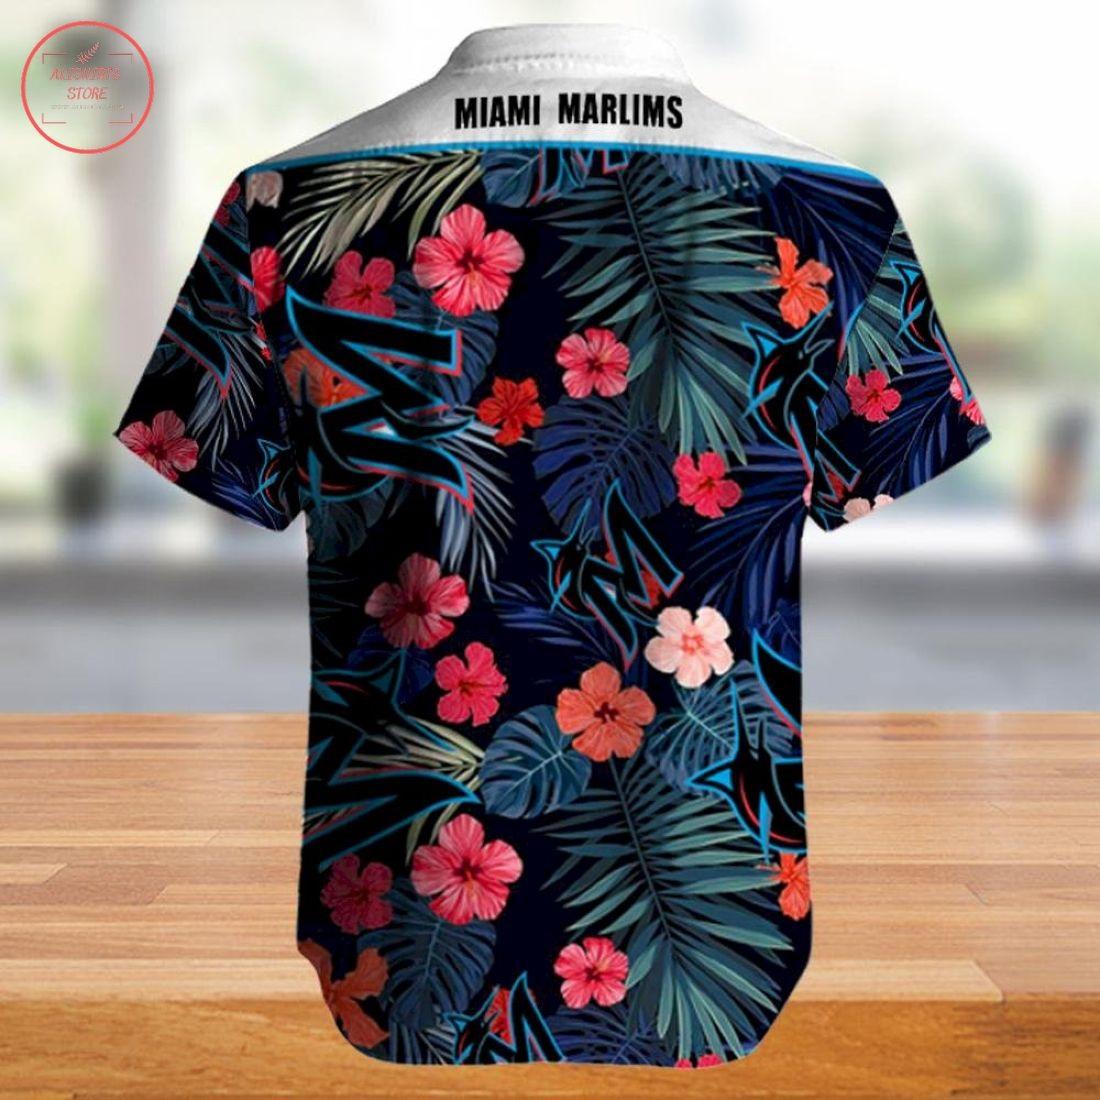 Mlb Miami Marlins Hawaiian Shirt